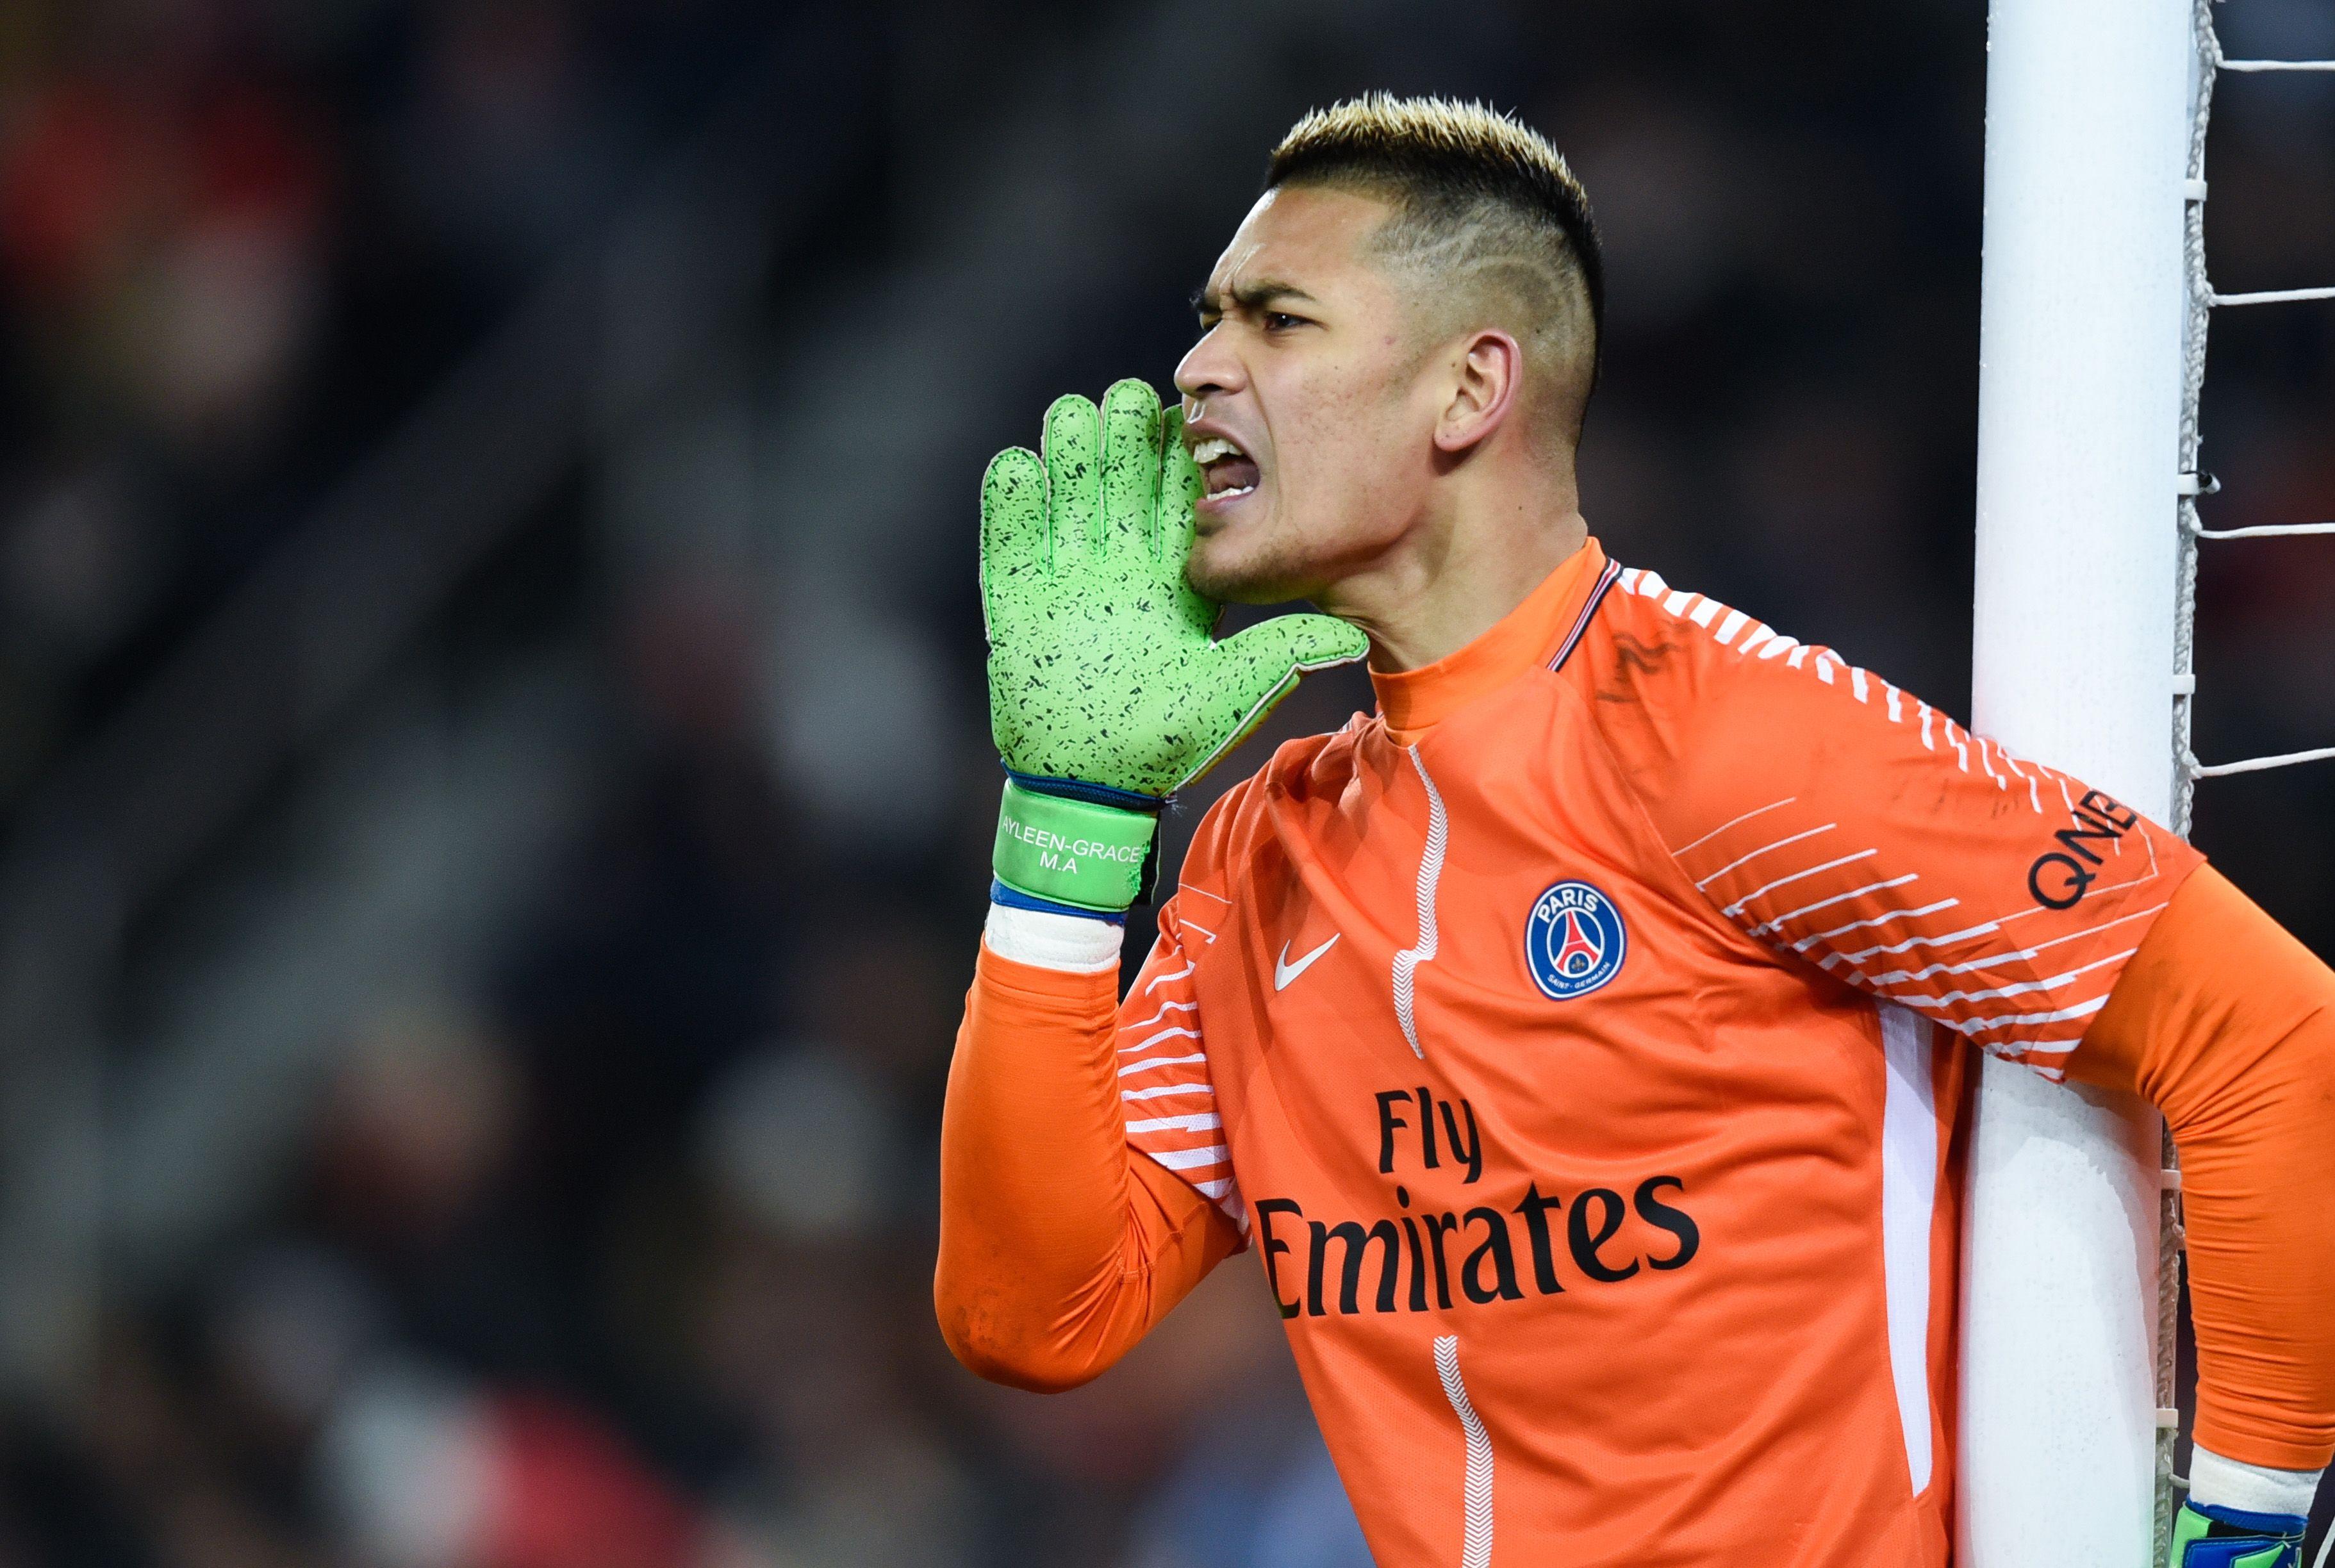 Areola    U00abc U0026 39 Est Normal Que L U0026 39 On S U2019inqui U00e8te  Neymar Est Un Joueur Important U00bb - Ligue 1